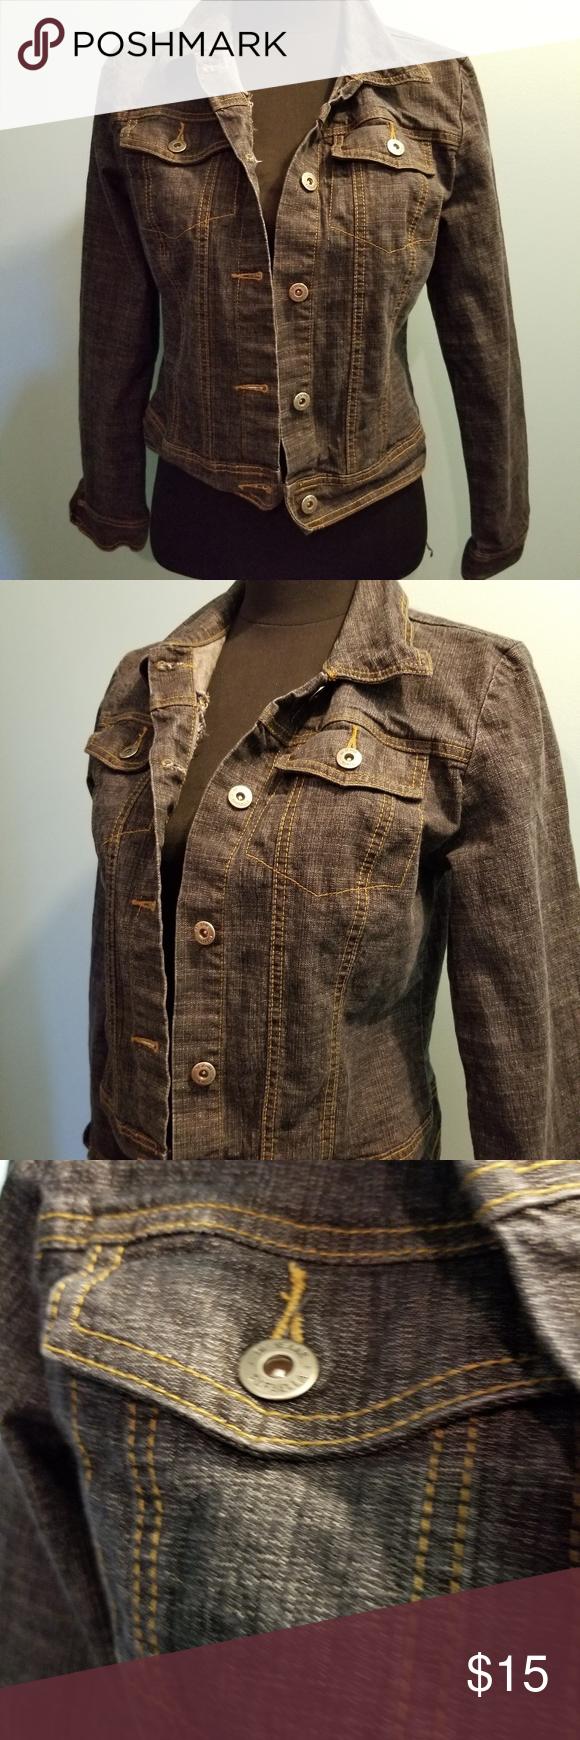 Jean S By Rafaella Denim Jacket Size 10 Best Jeans Jackets Denim Jacket [ 1740 x 580 Pixel ]